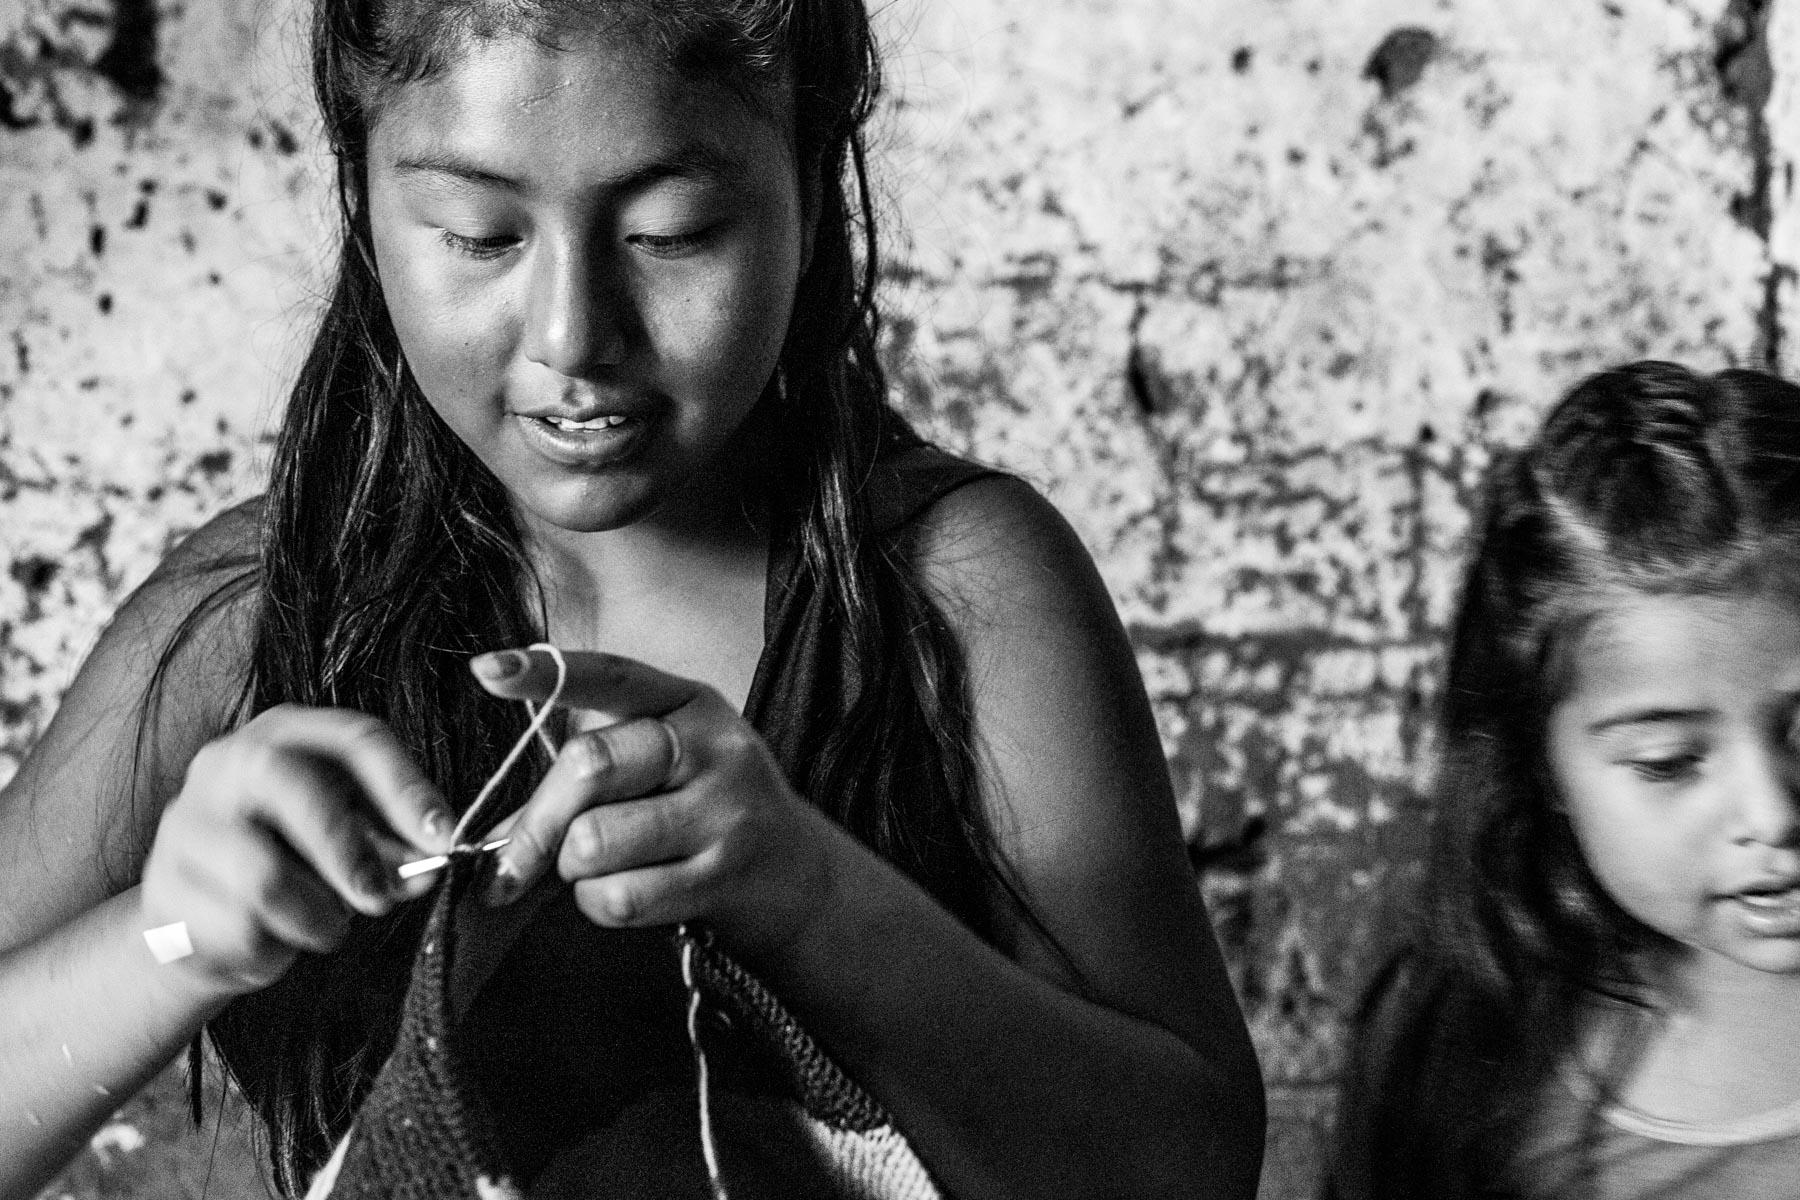 Ilda Lucia Pequi Ascue (15 años) y su sobrina Charil Liliana Yatacue Ascue (5 años), La Bodega, Toribío, Cauca, Colombia. Septiembre 8, 2018.